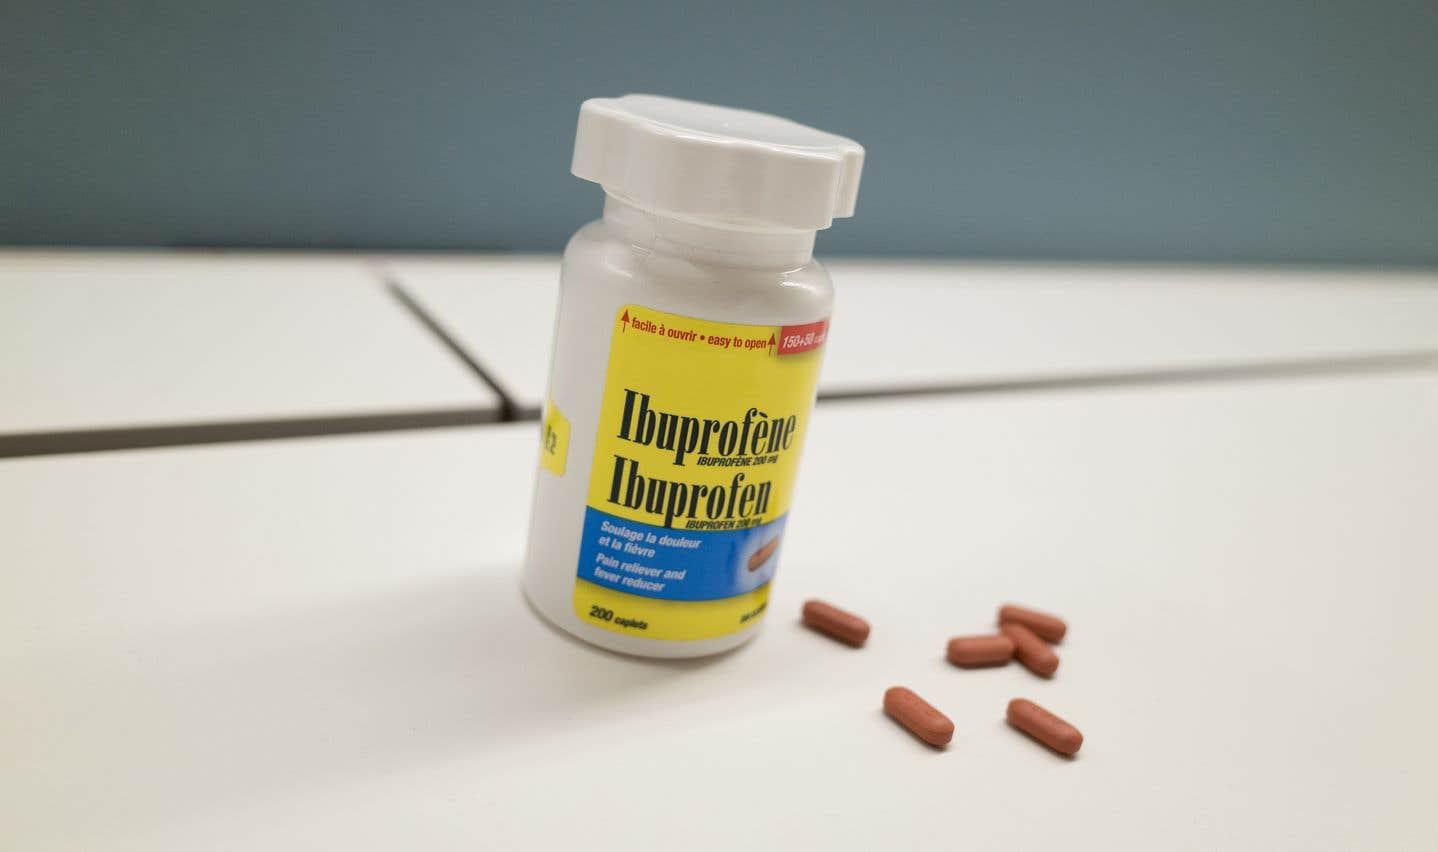 Jusqu'à maintenant, l'ibuprofène était surtout contre-indiqué au troisième trimestre de la grossesse.